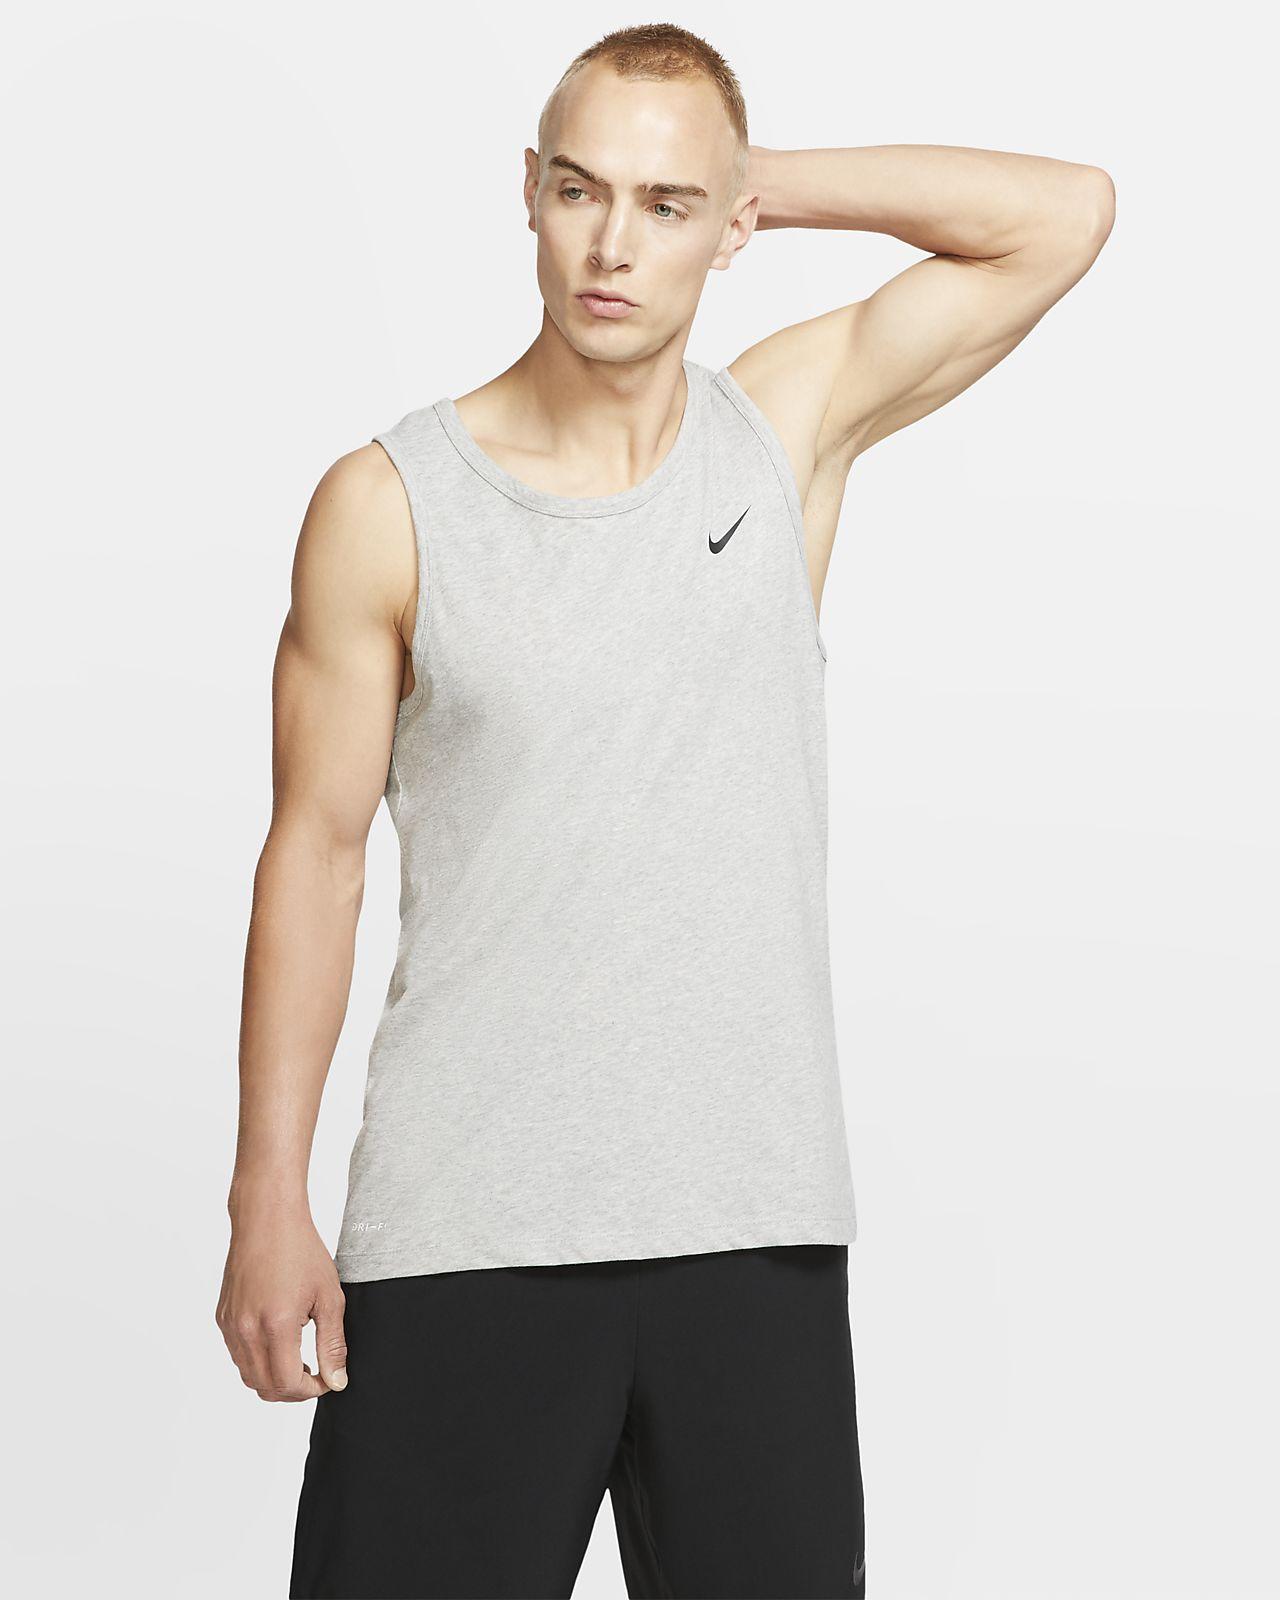 Camisola de treino sem mangas Nike Dri-FIT para homem